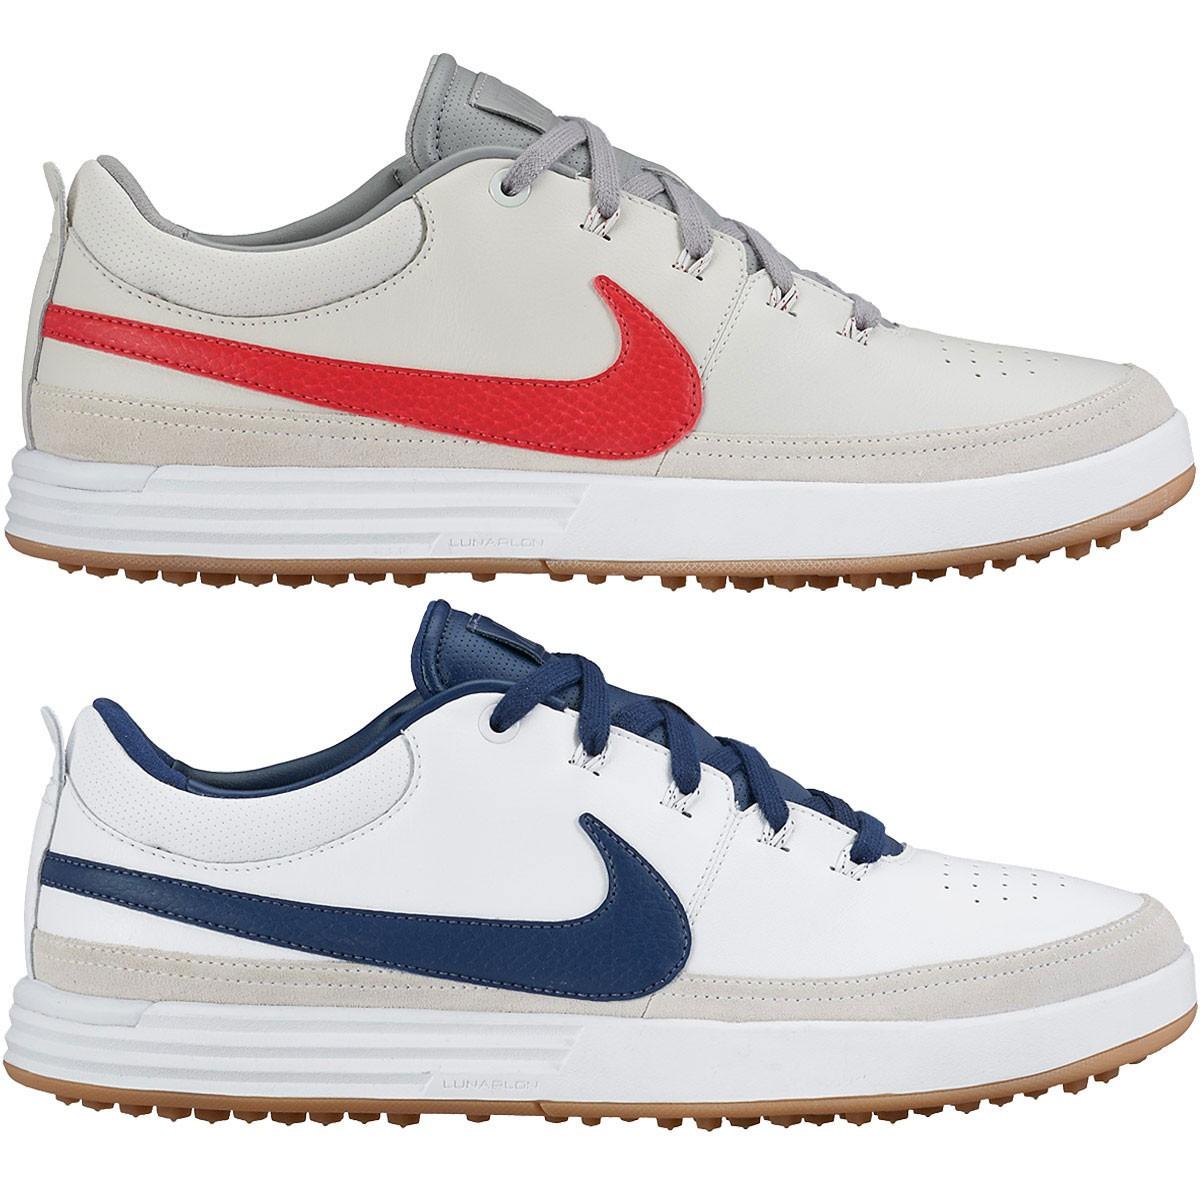 Nike Golf Shoes Lunar Spikeless Waterproof